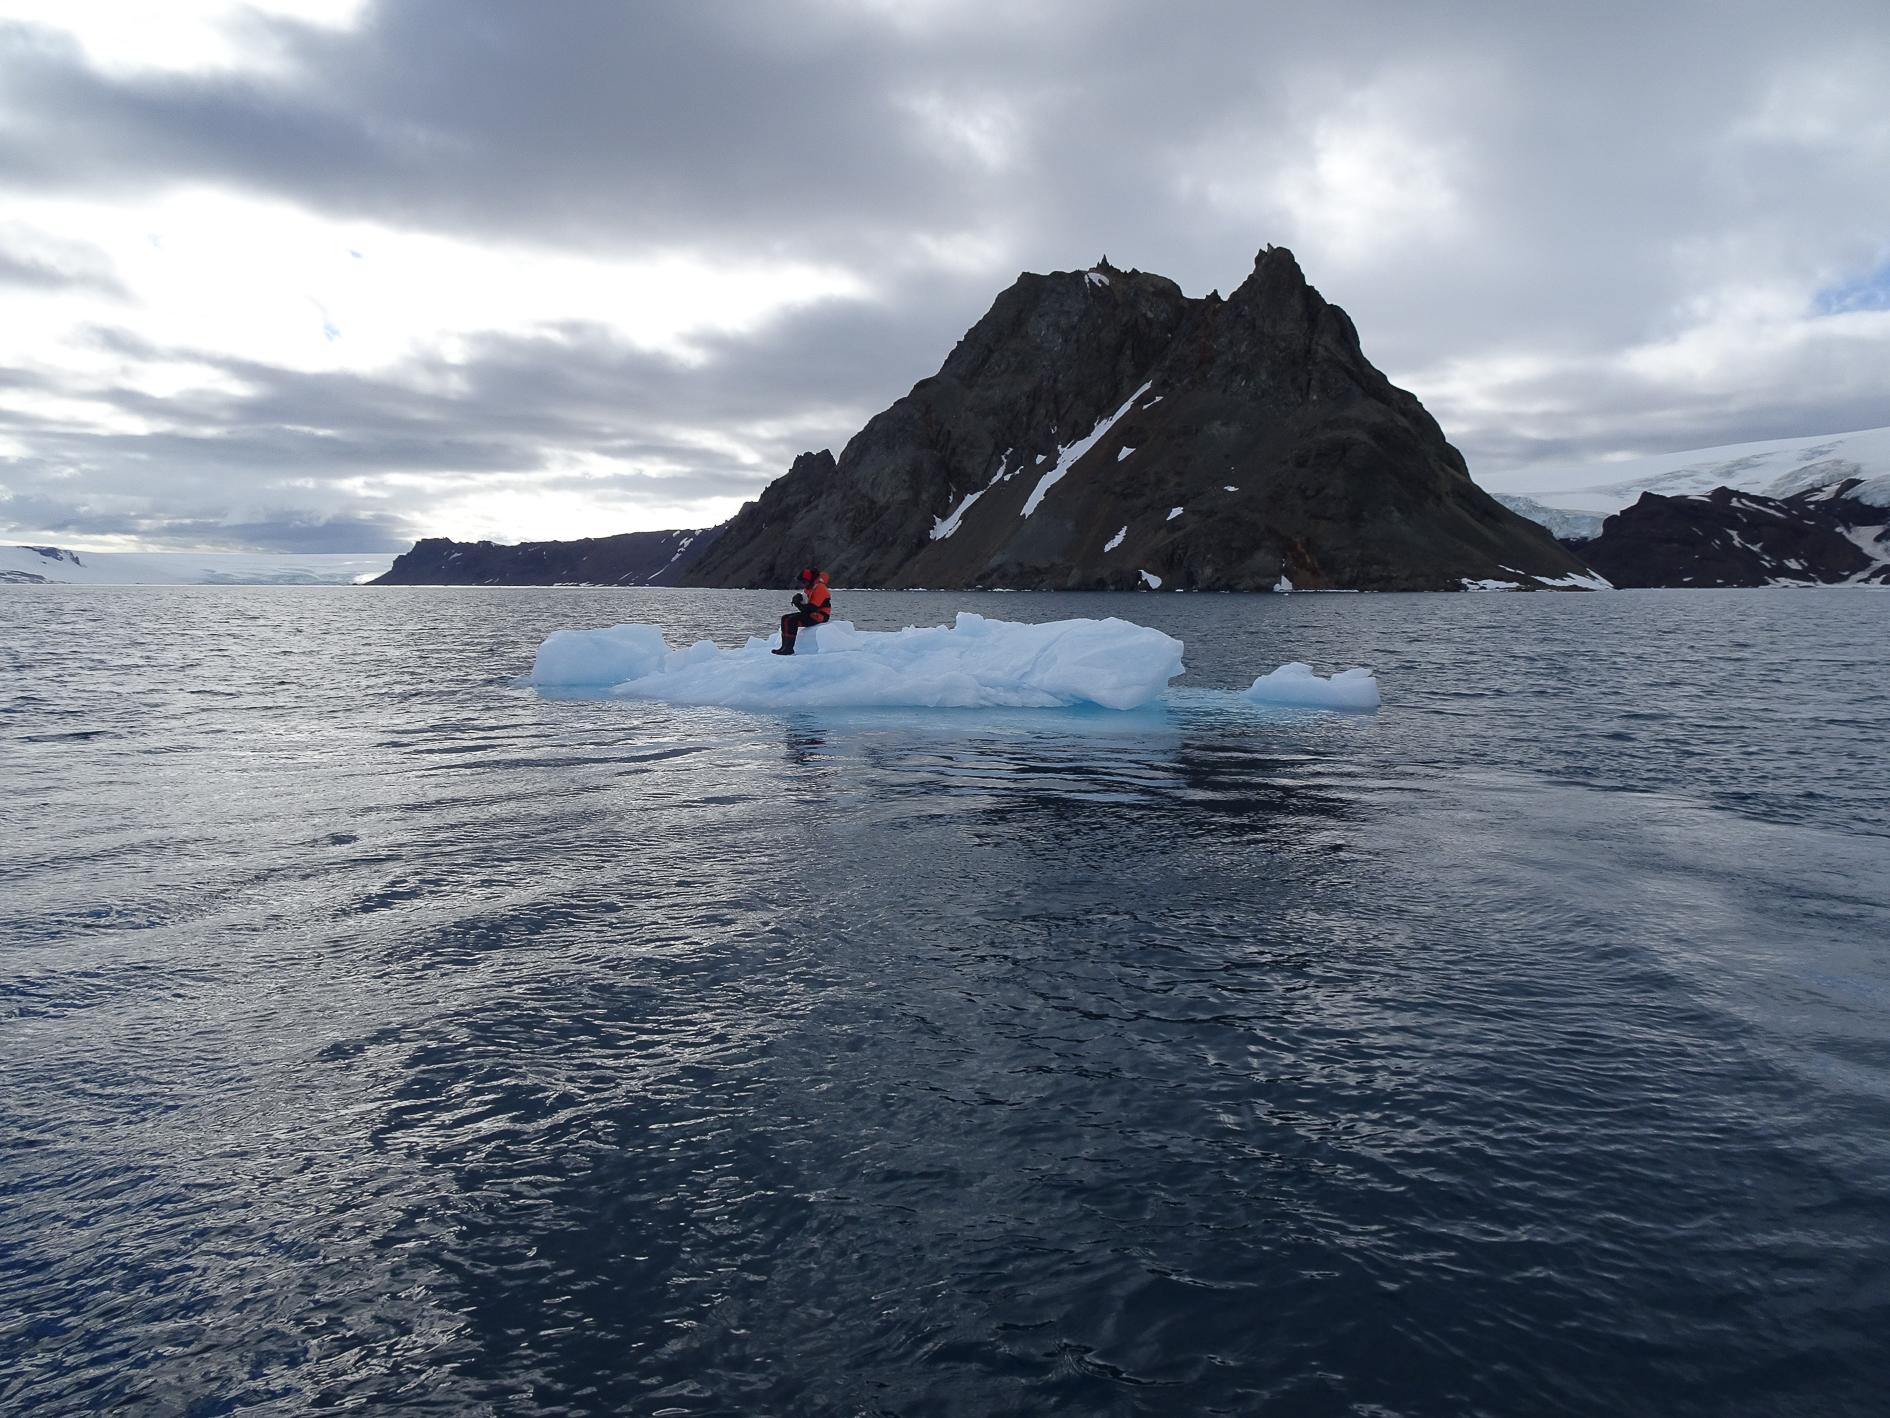 Na zdjęciu mężczyzna siedzący na krze lodowej znajdującej się na wodzie. Za nim wzgórze oraz niebo. Autor Tomasz Kurczaba